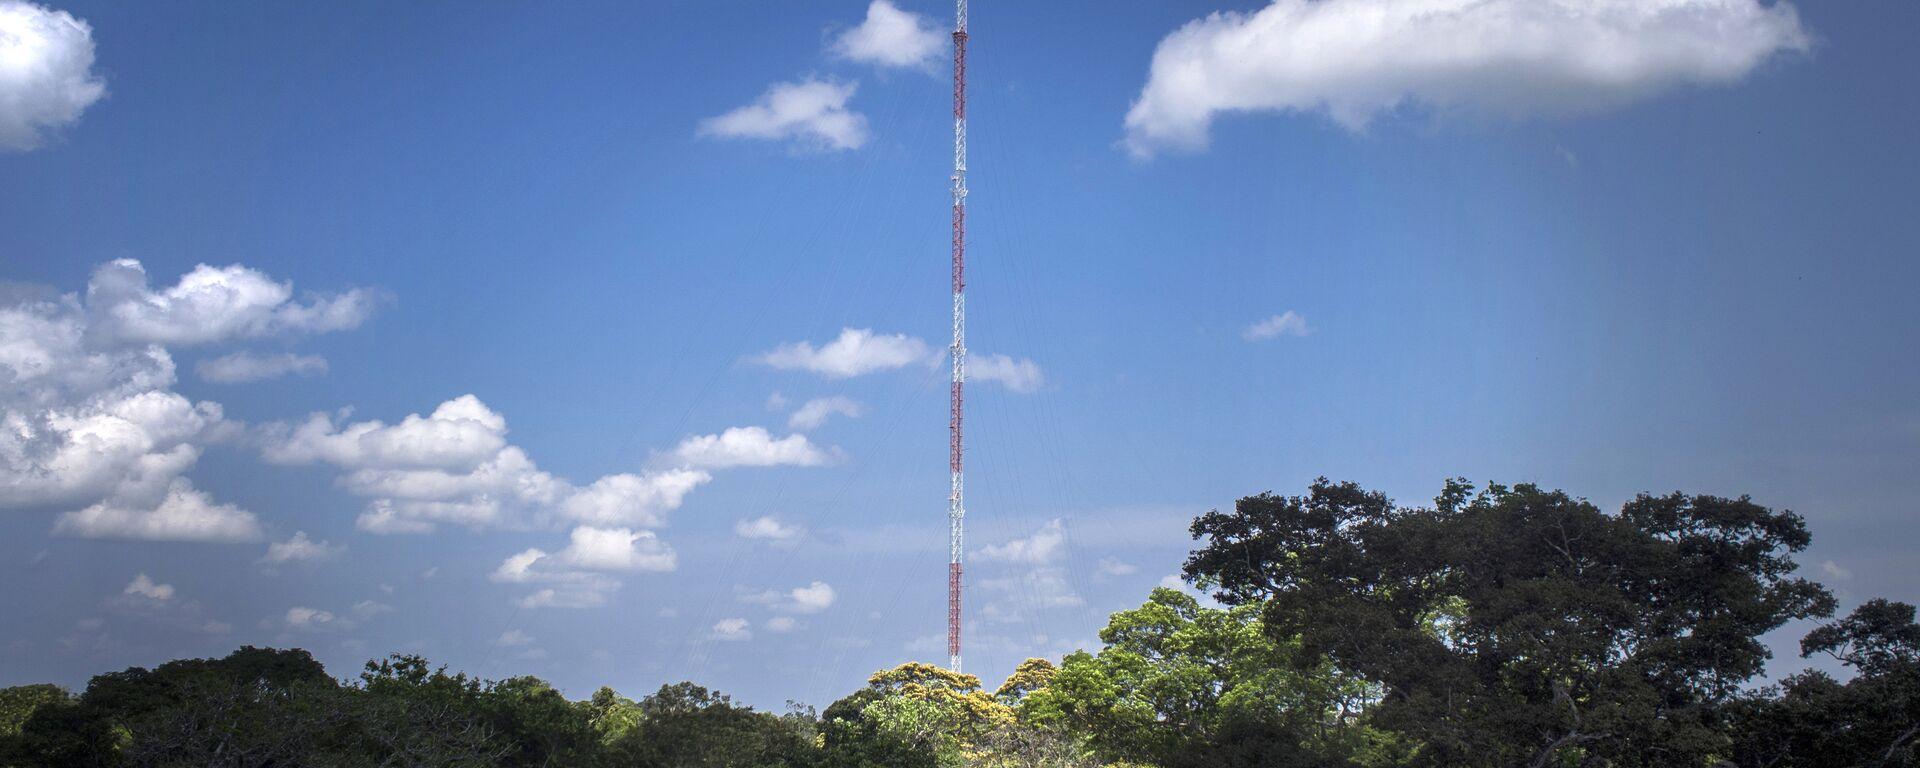 Observatorio de Torre Alta de Amazonía, Brasil - Sputnik Mundo, 1920, 20.09.2021